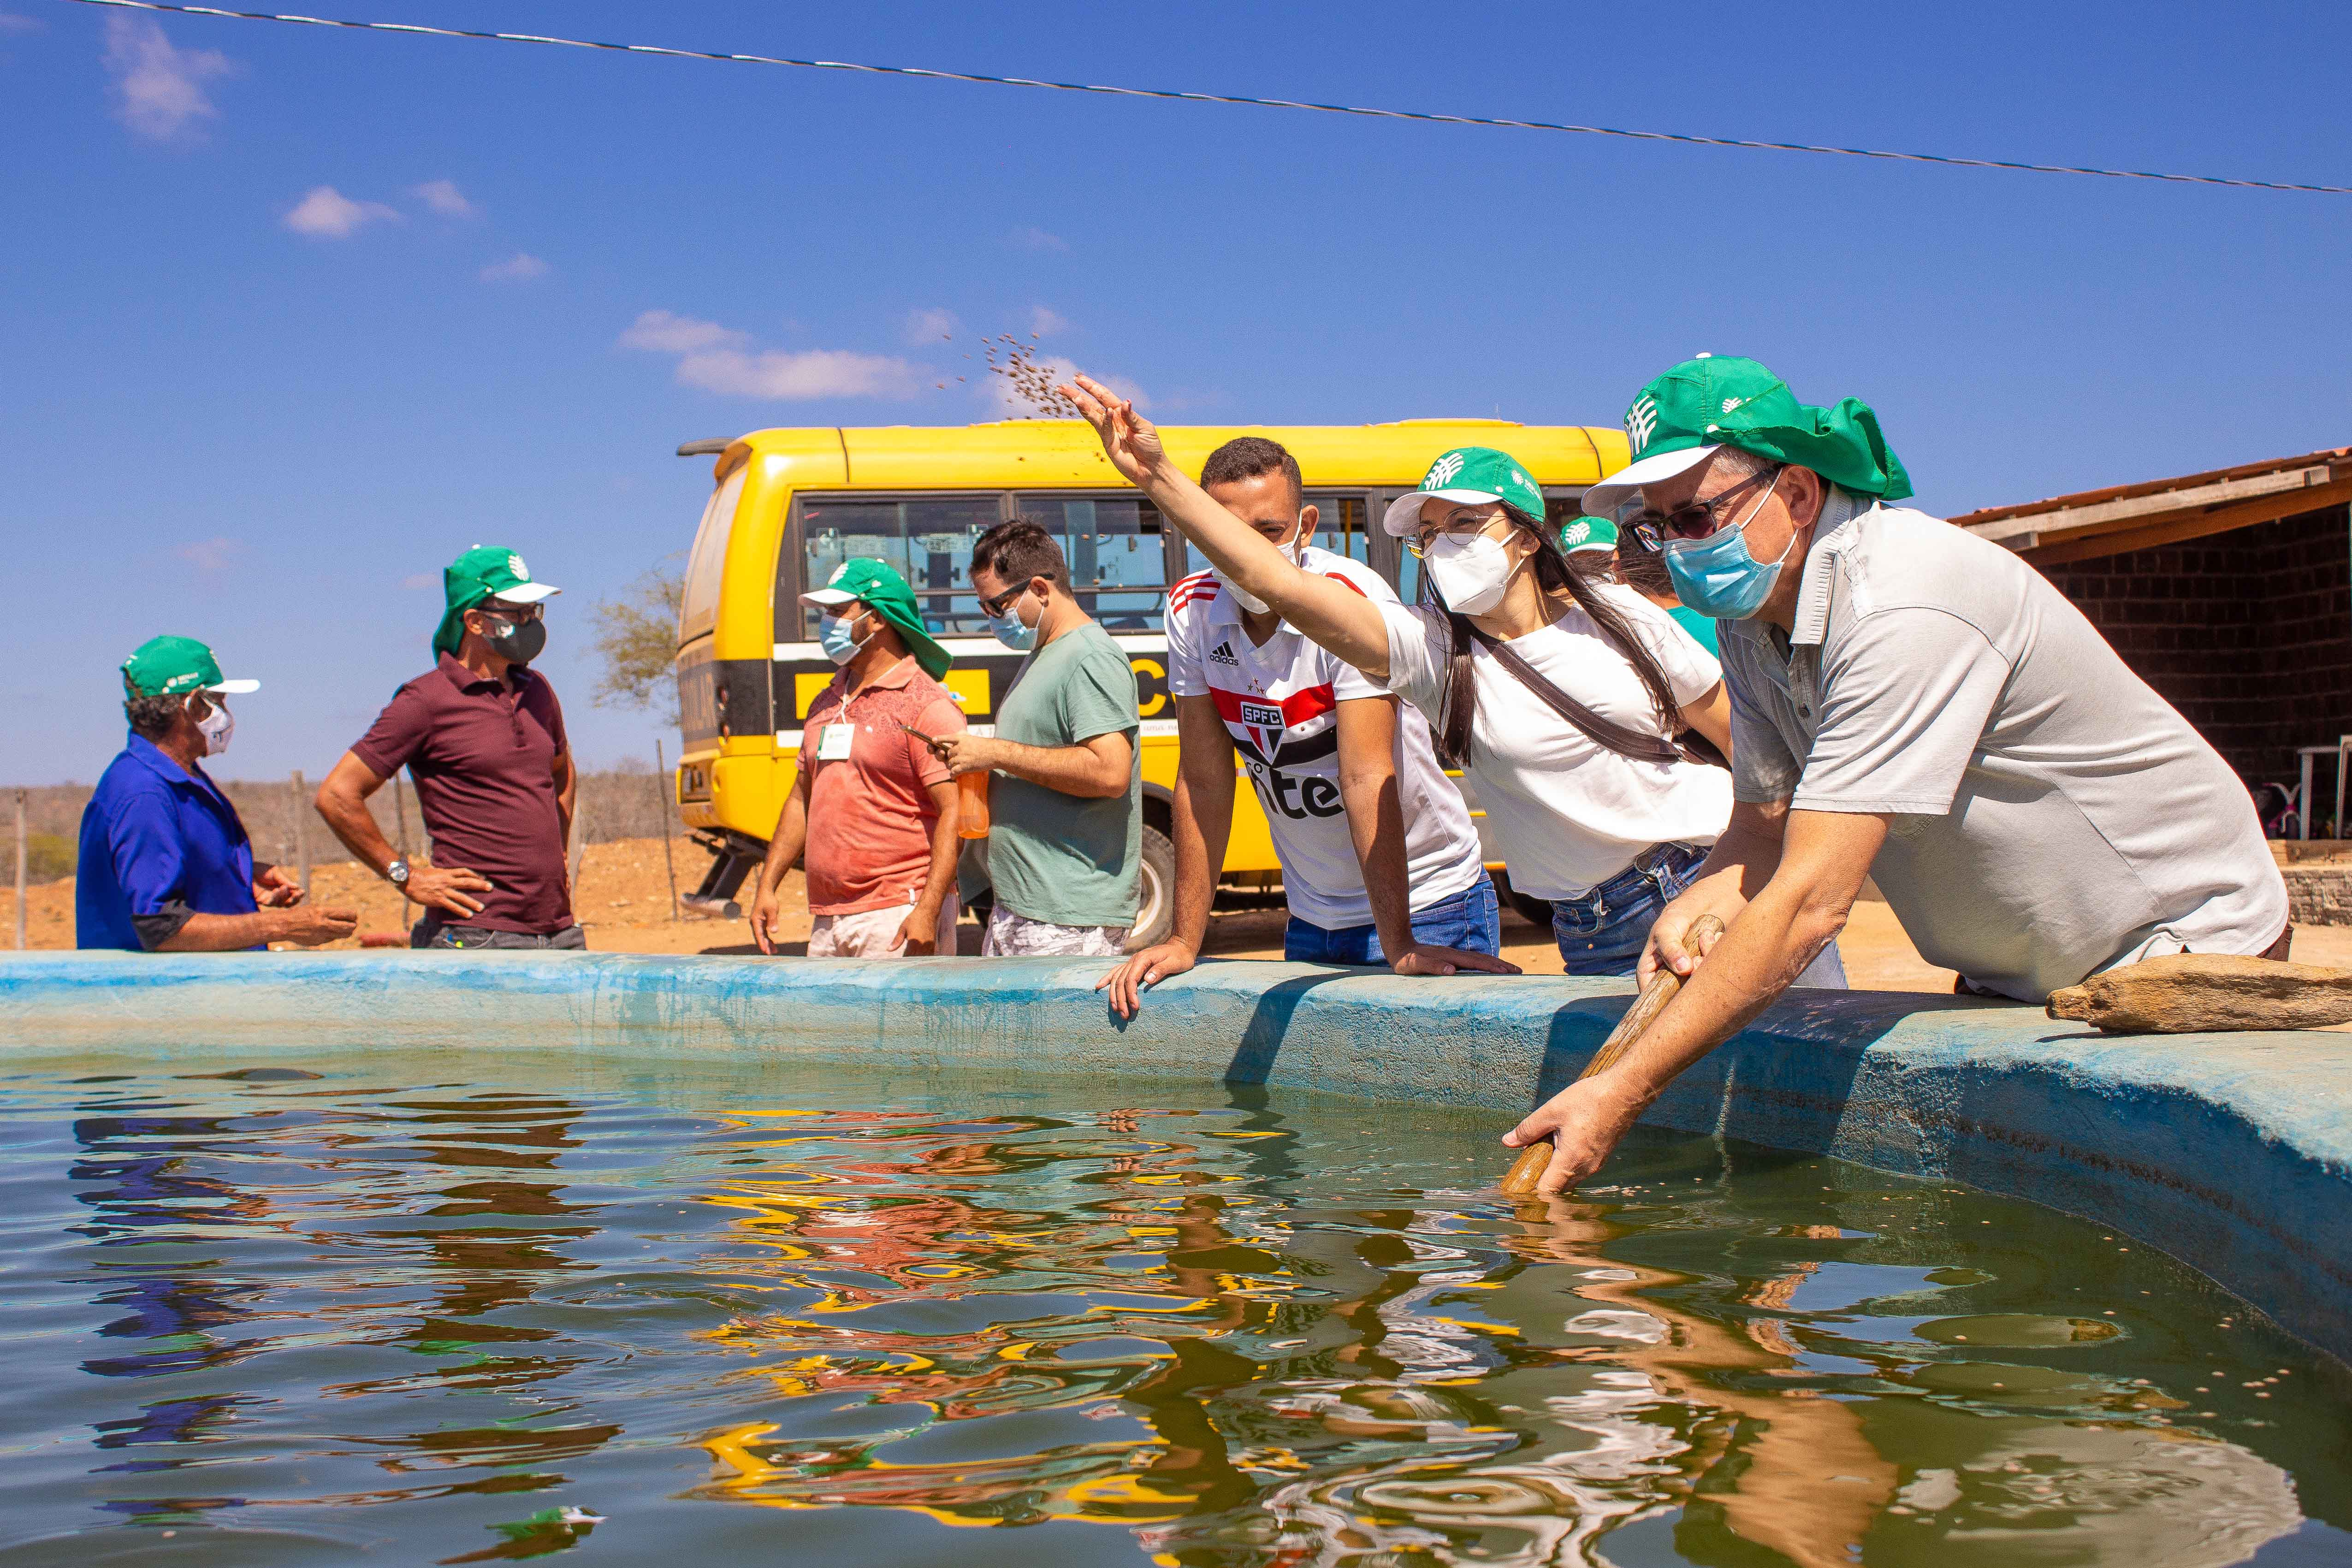 2021-09-17-e-19-curso-piscicultura-francisco-cesar-4704.jpg